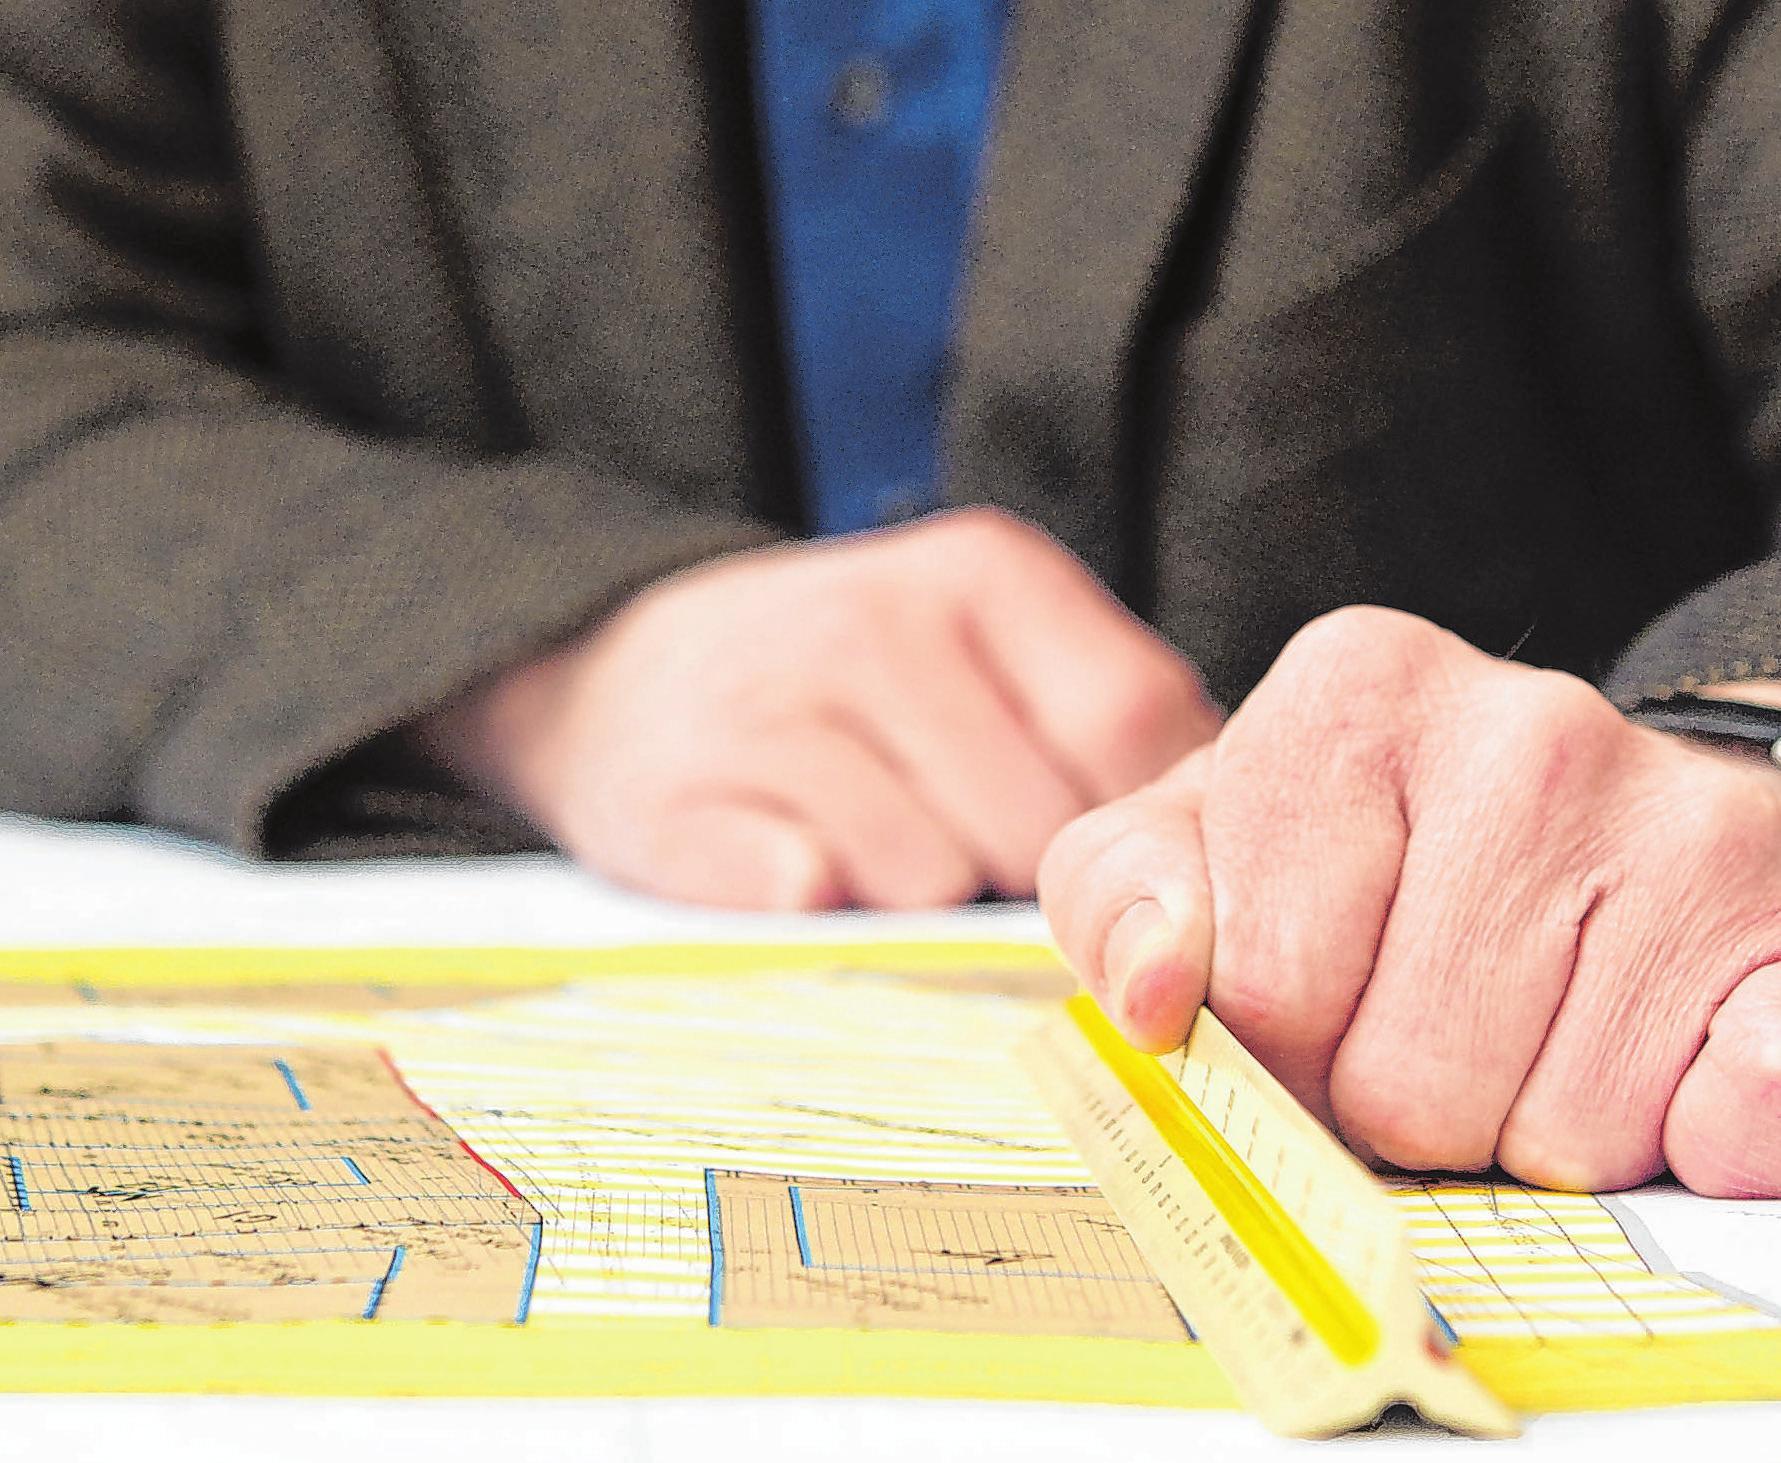 Der Bebauungsplan zeigt, ob eine Grundstücksteilung möglich ist. Foto: Gabbert/dpa-mag